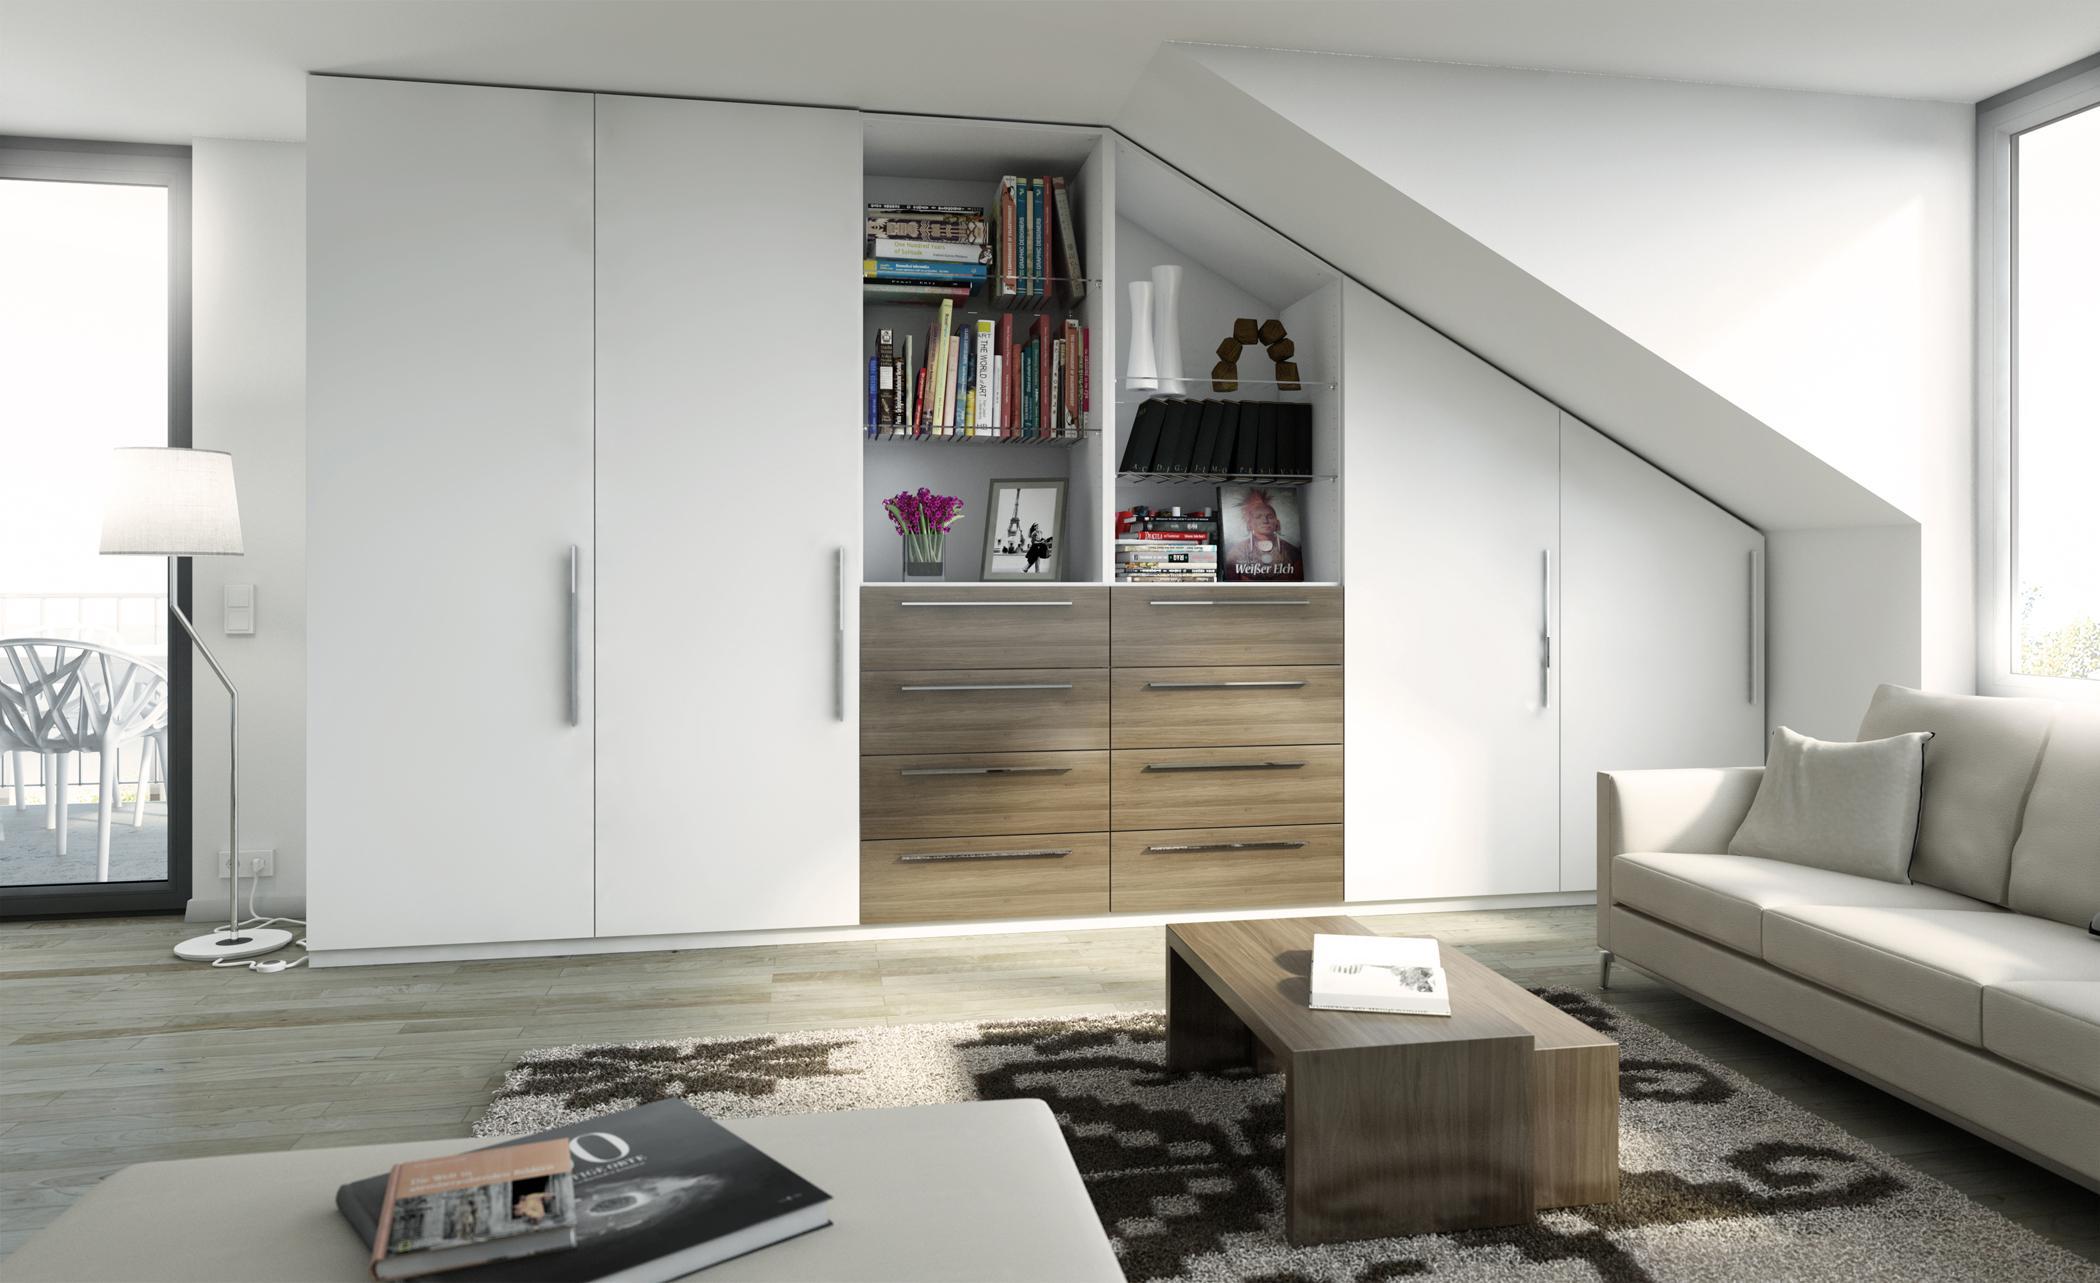 Dachschr gen aufbewahrung bilder ideen couchstyle for Meine wohnung einrichten